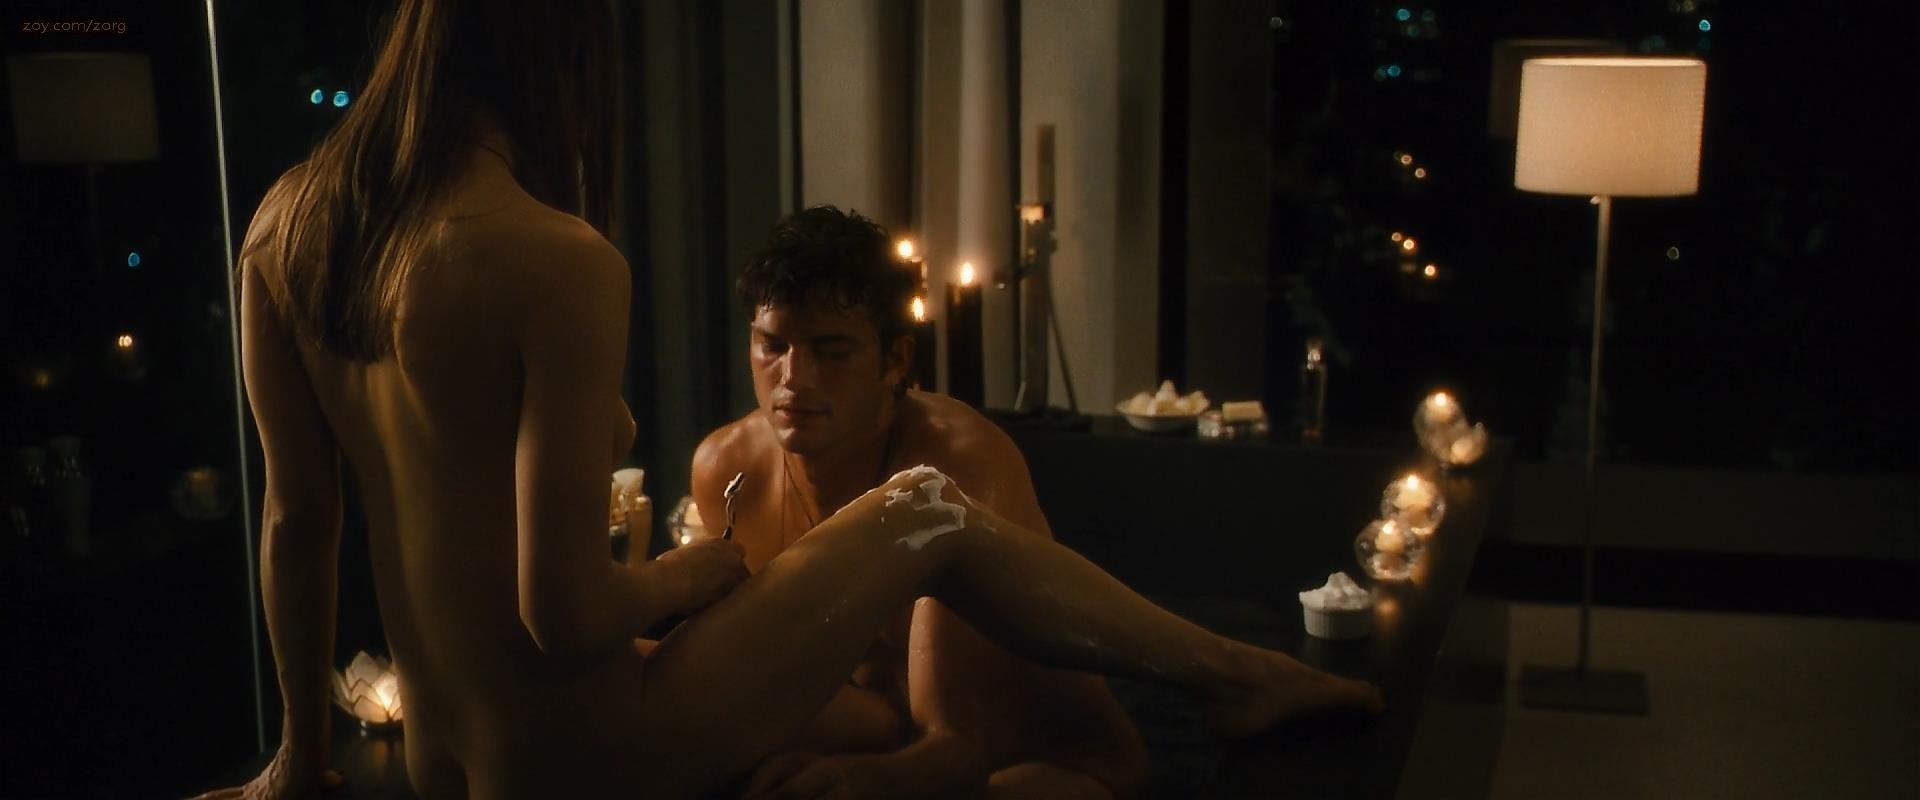 эротический фильм бабник